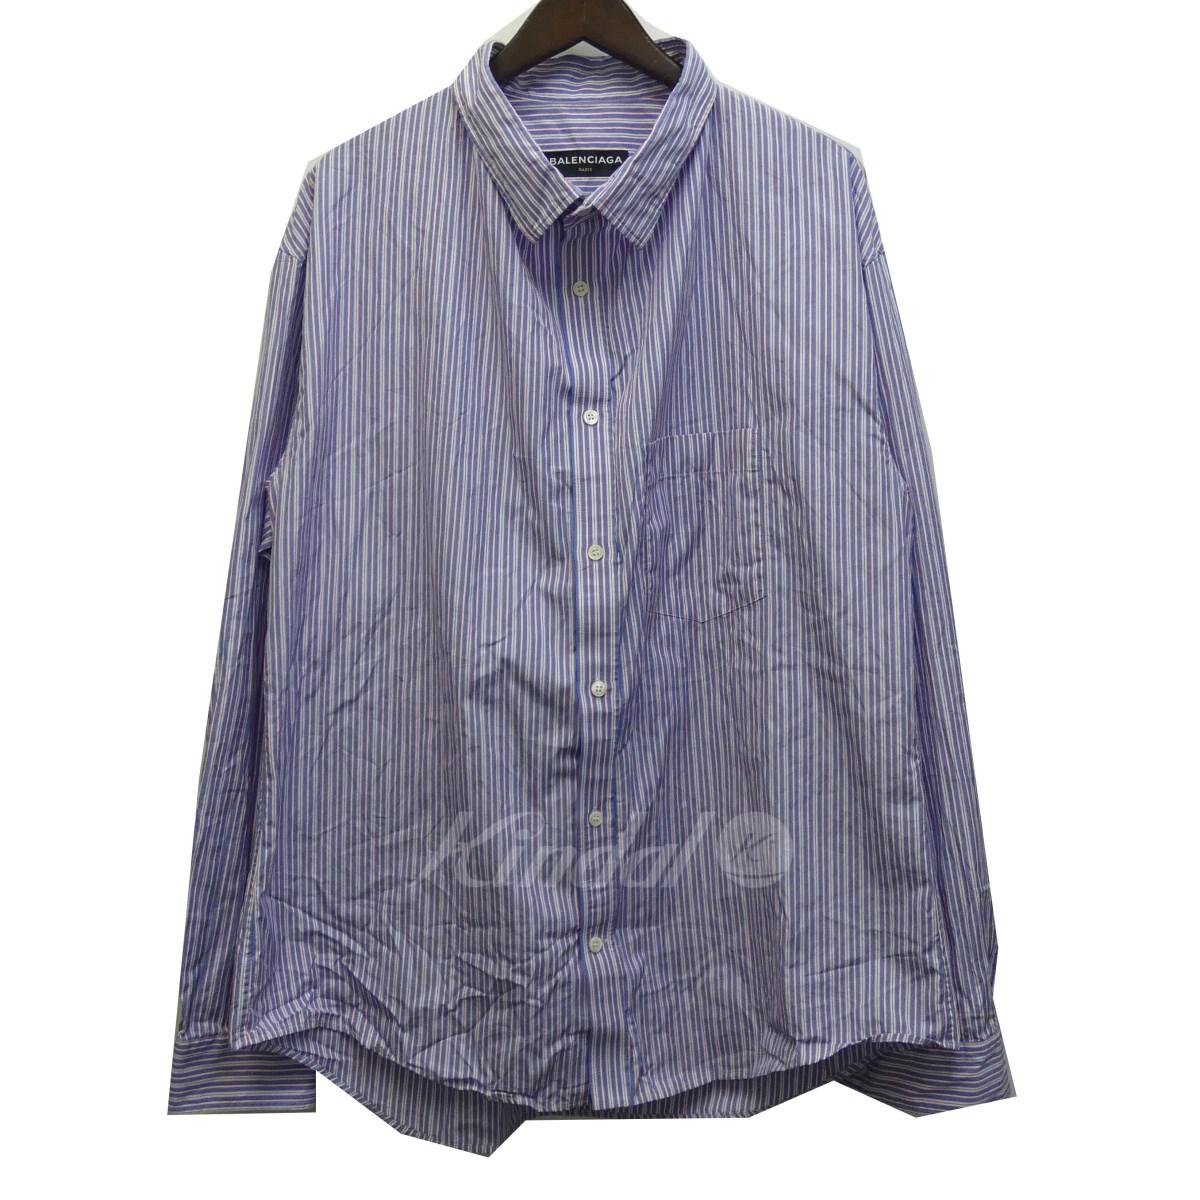 【中古】BALENCIAGA 18SS 508459 オーバーサイズストライプシャツ ネイビー サイズ:40 【送料無料】 【201018】(バレンシアガ)